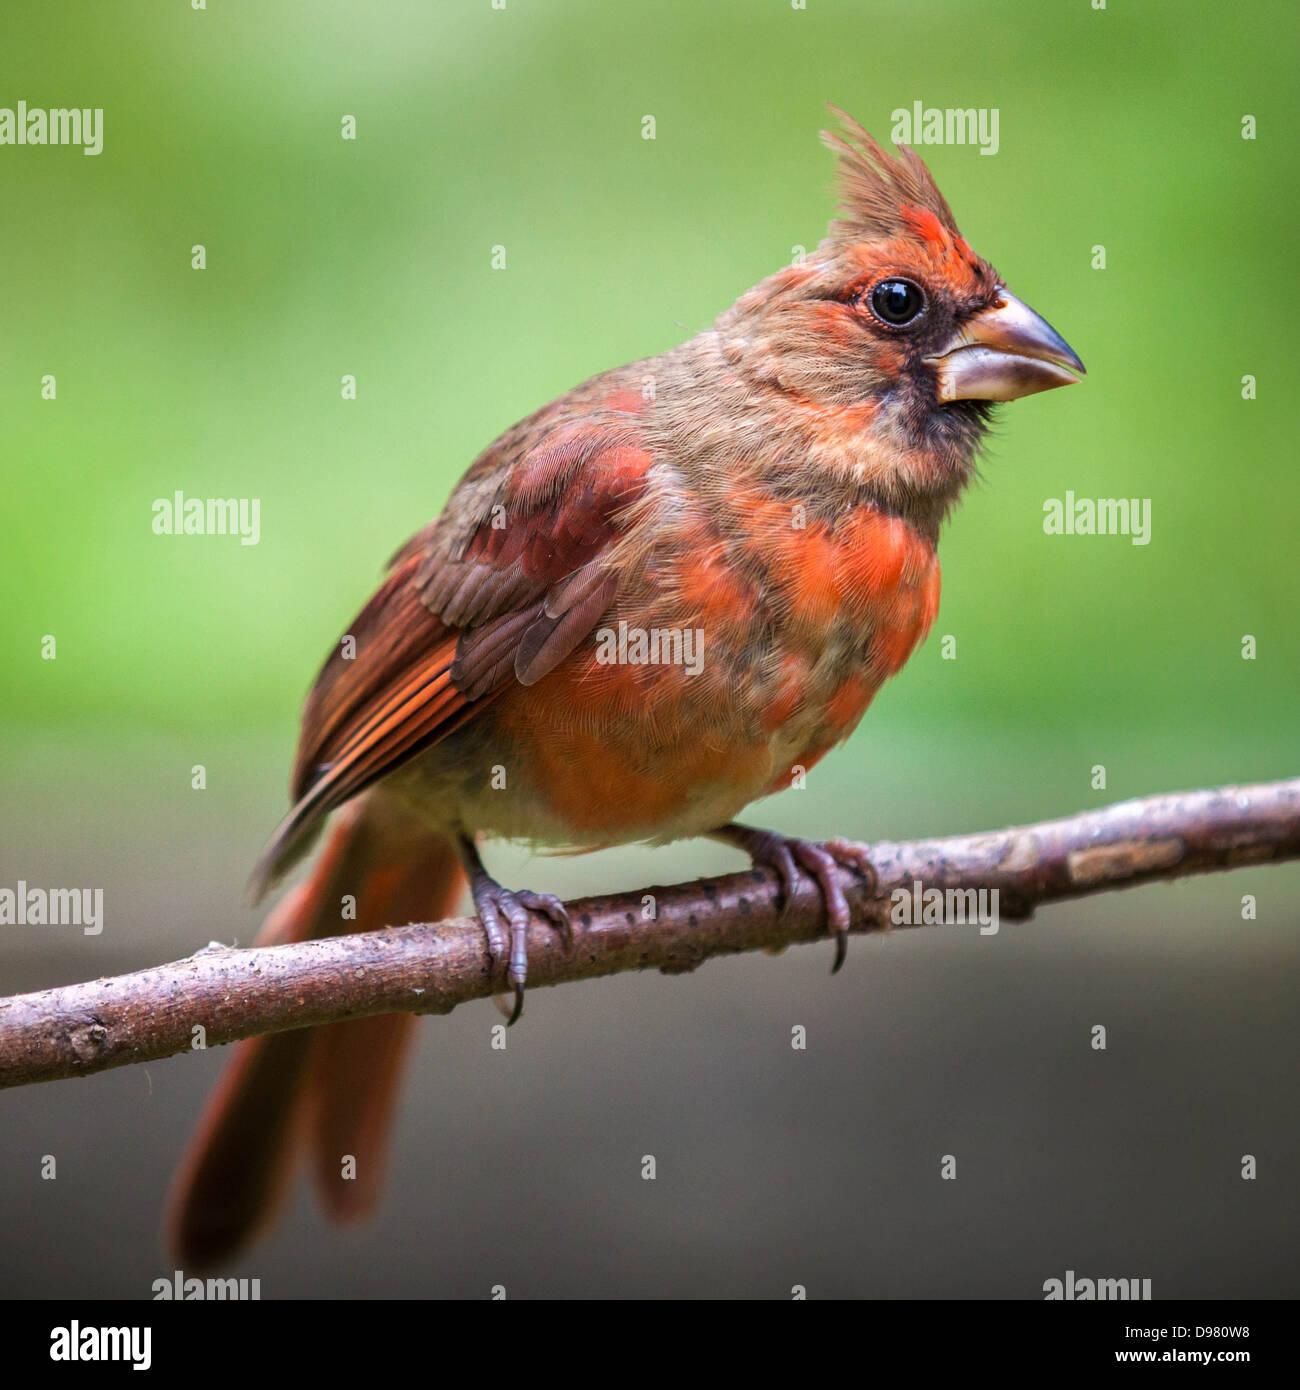 Weibliche Northern Cardinal, thront auf einem Ast vor einem grünen Hintergrund Stockbild